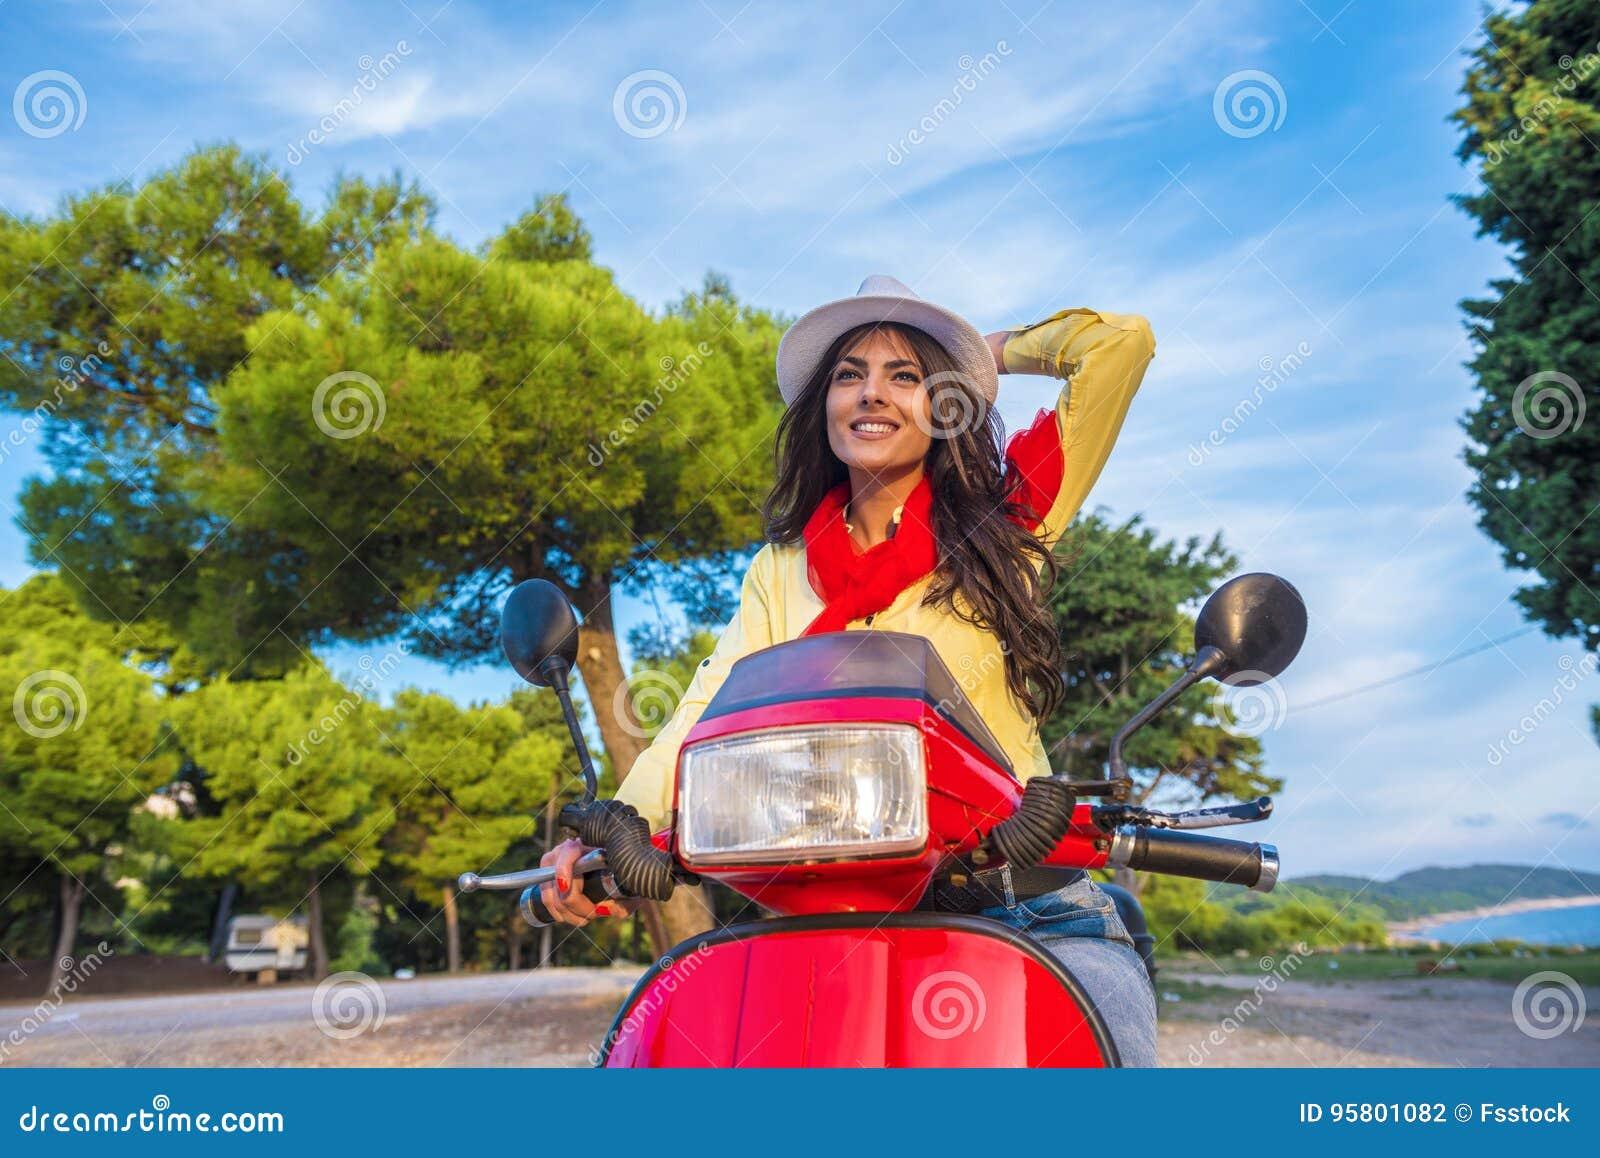 Ciérrese encima de imagen de la forma de vida de la mujer de moda joven en el equipo casual que se sienta en la vespa en la calle